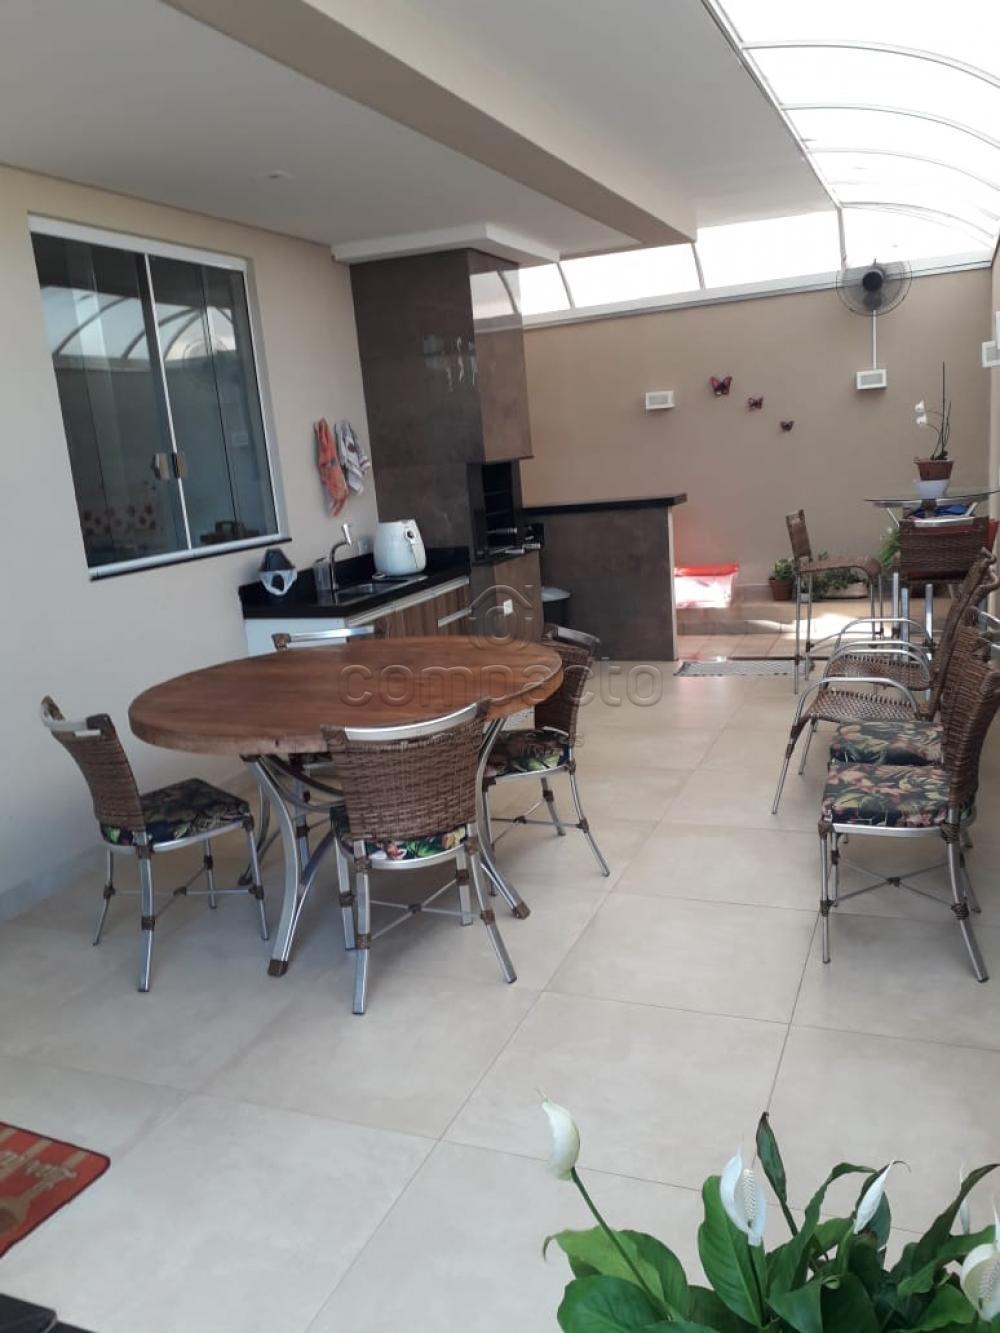 Comprar Casa / Condomínio em Mirassol apenas R$ 650.000,00 - Foto 21